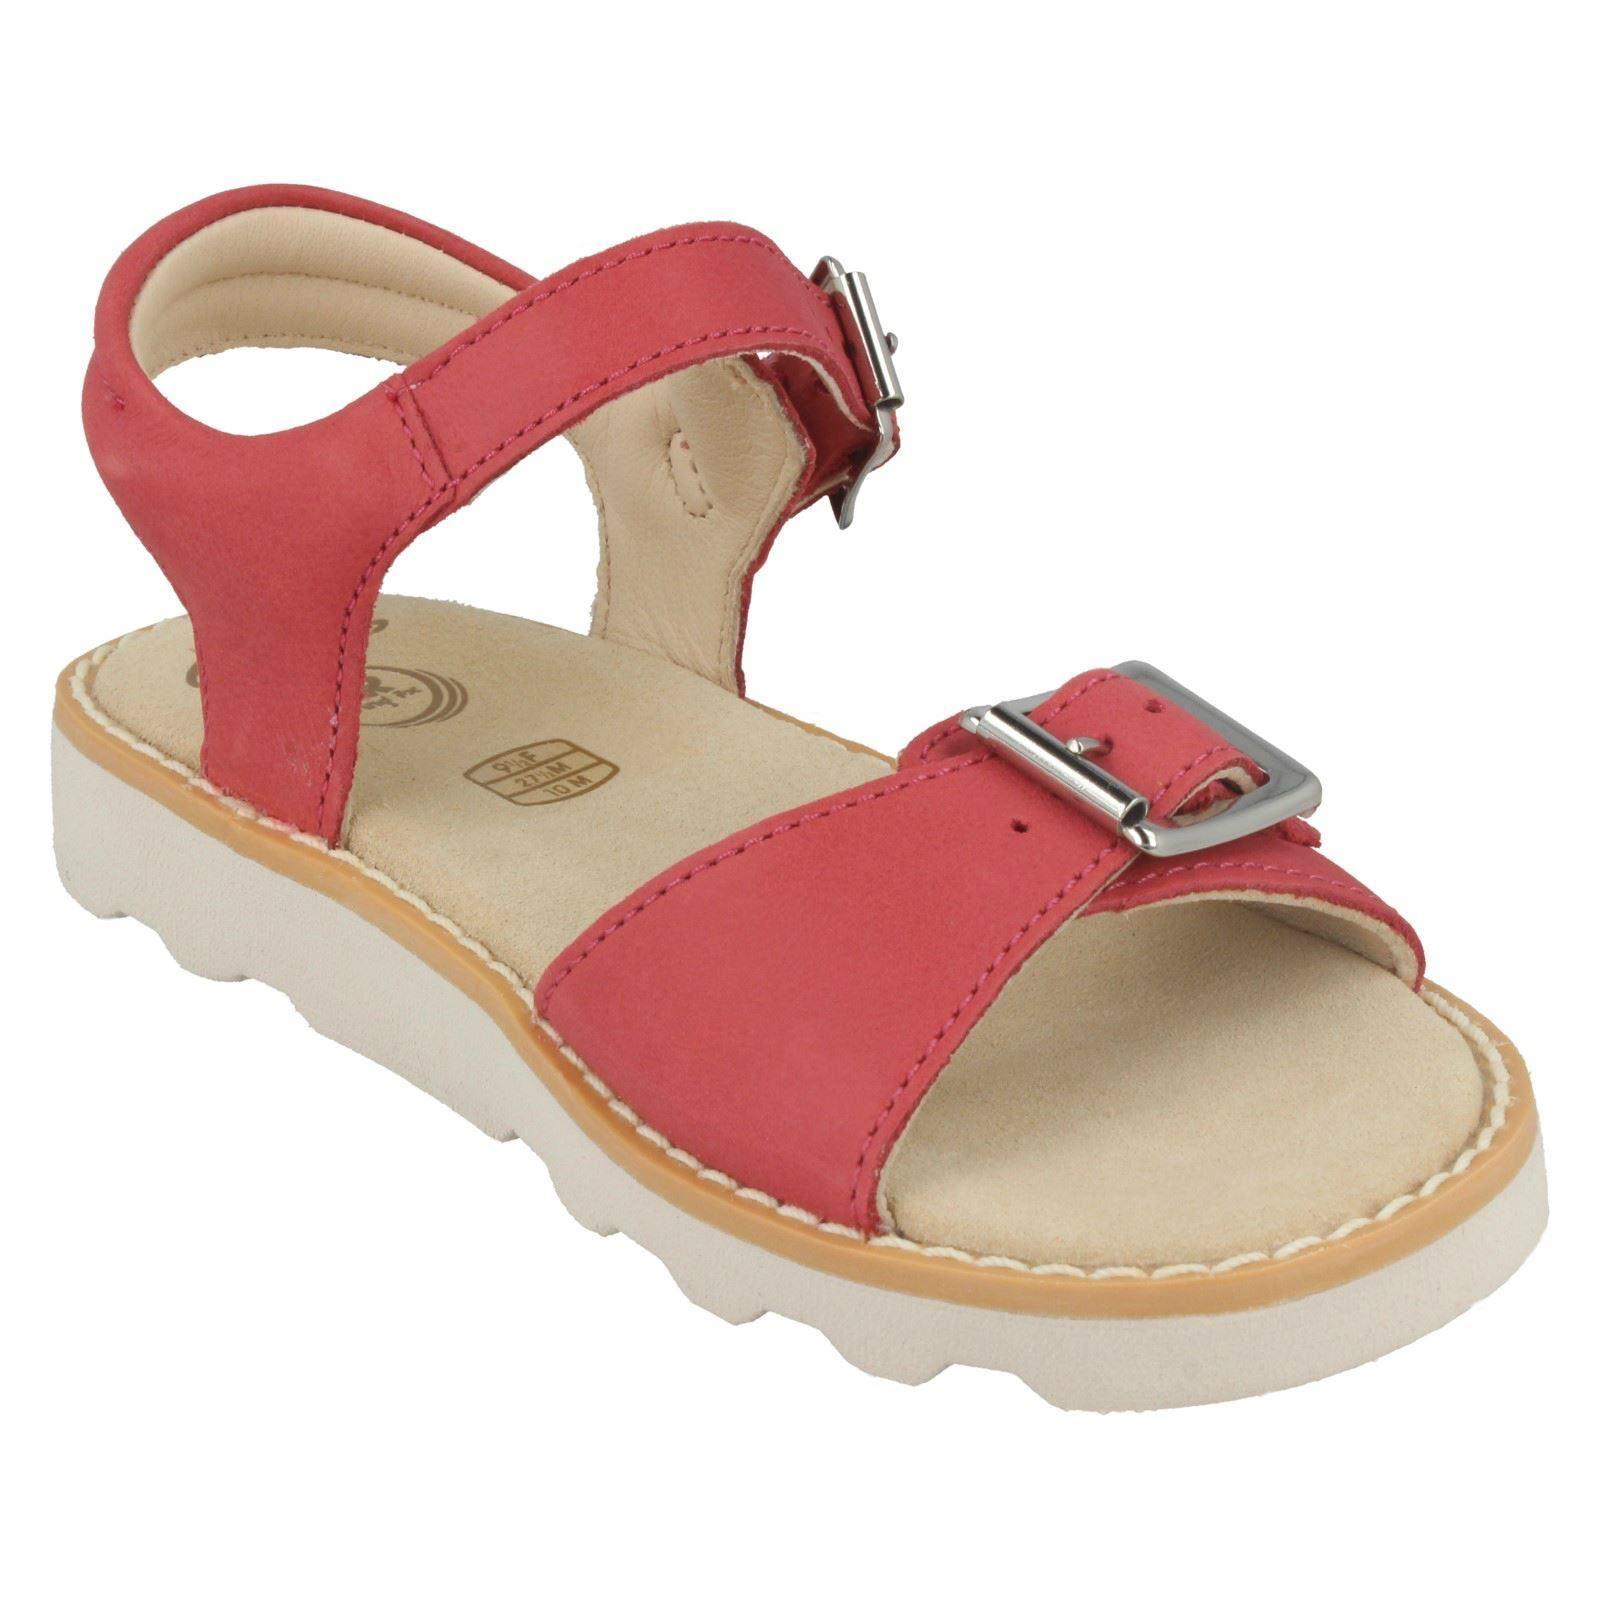 Sandalias De Niña Niñas Calzado Informales Atado Corona Clarks Bloom H9EWDIeY2b